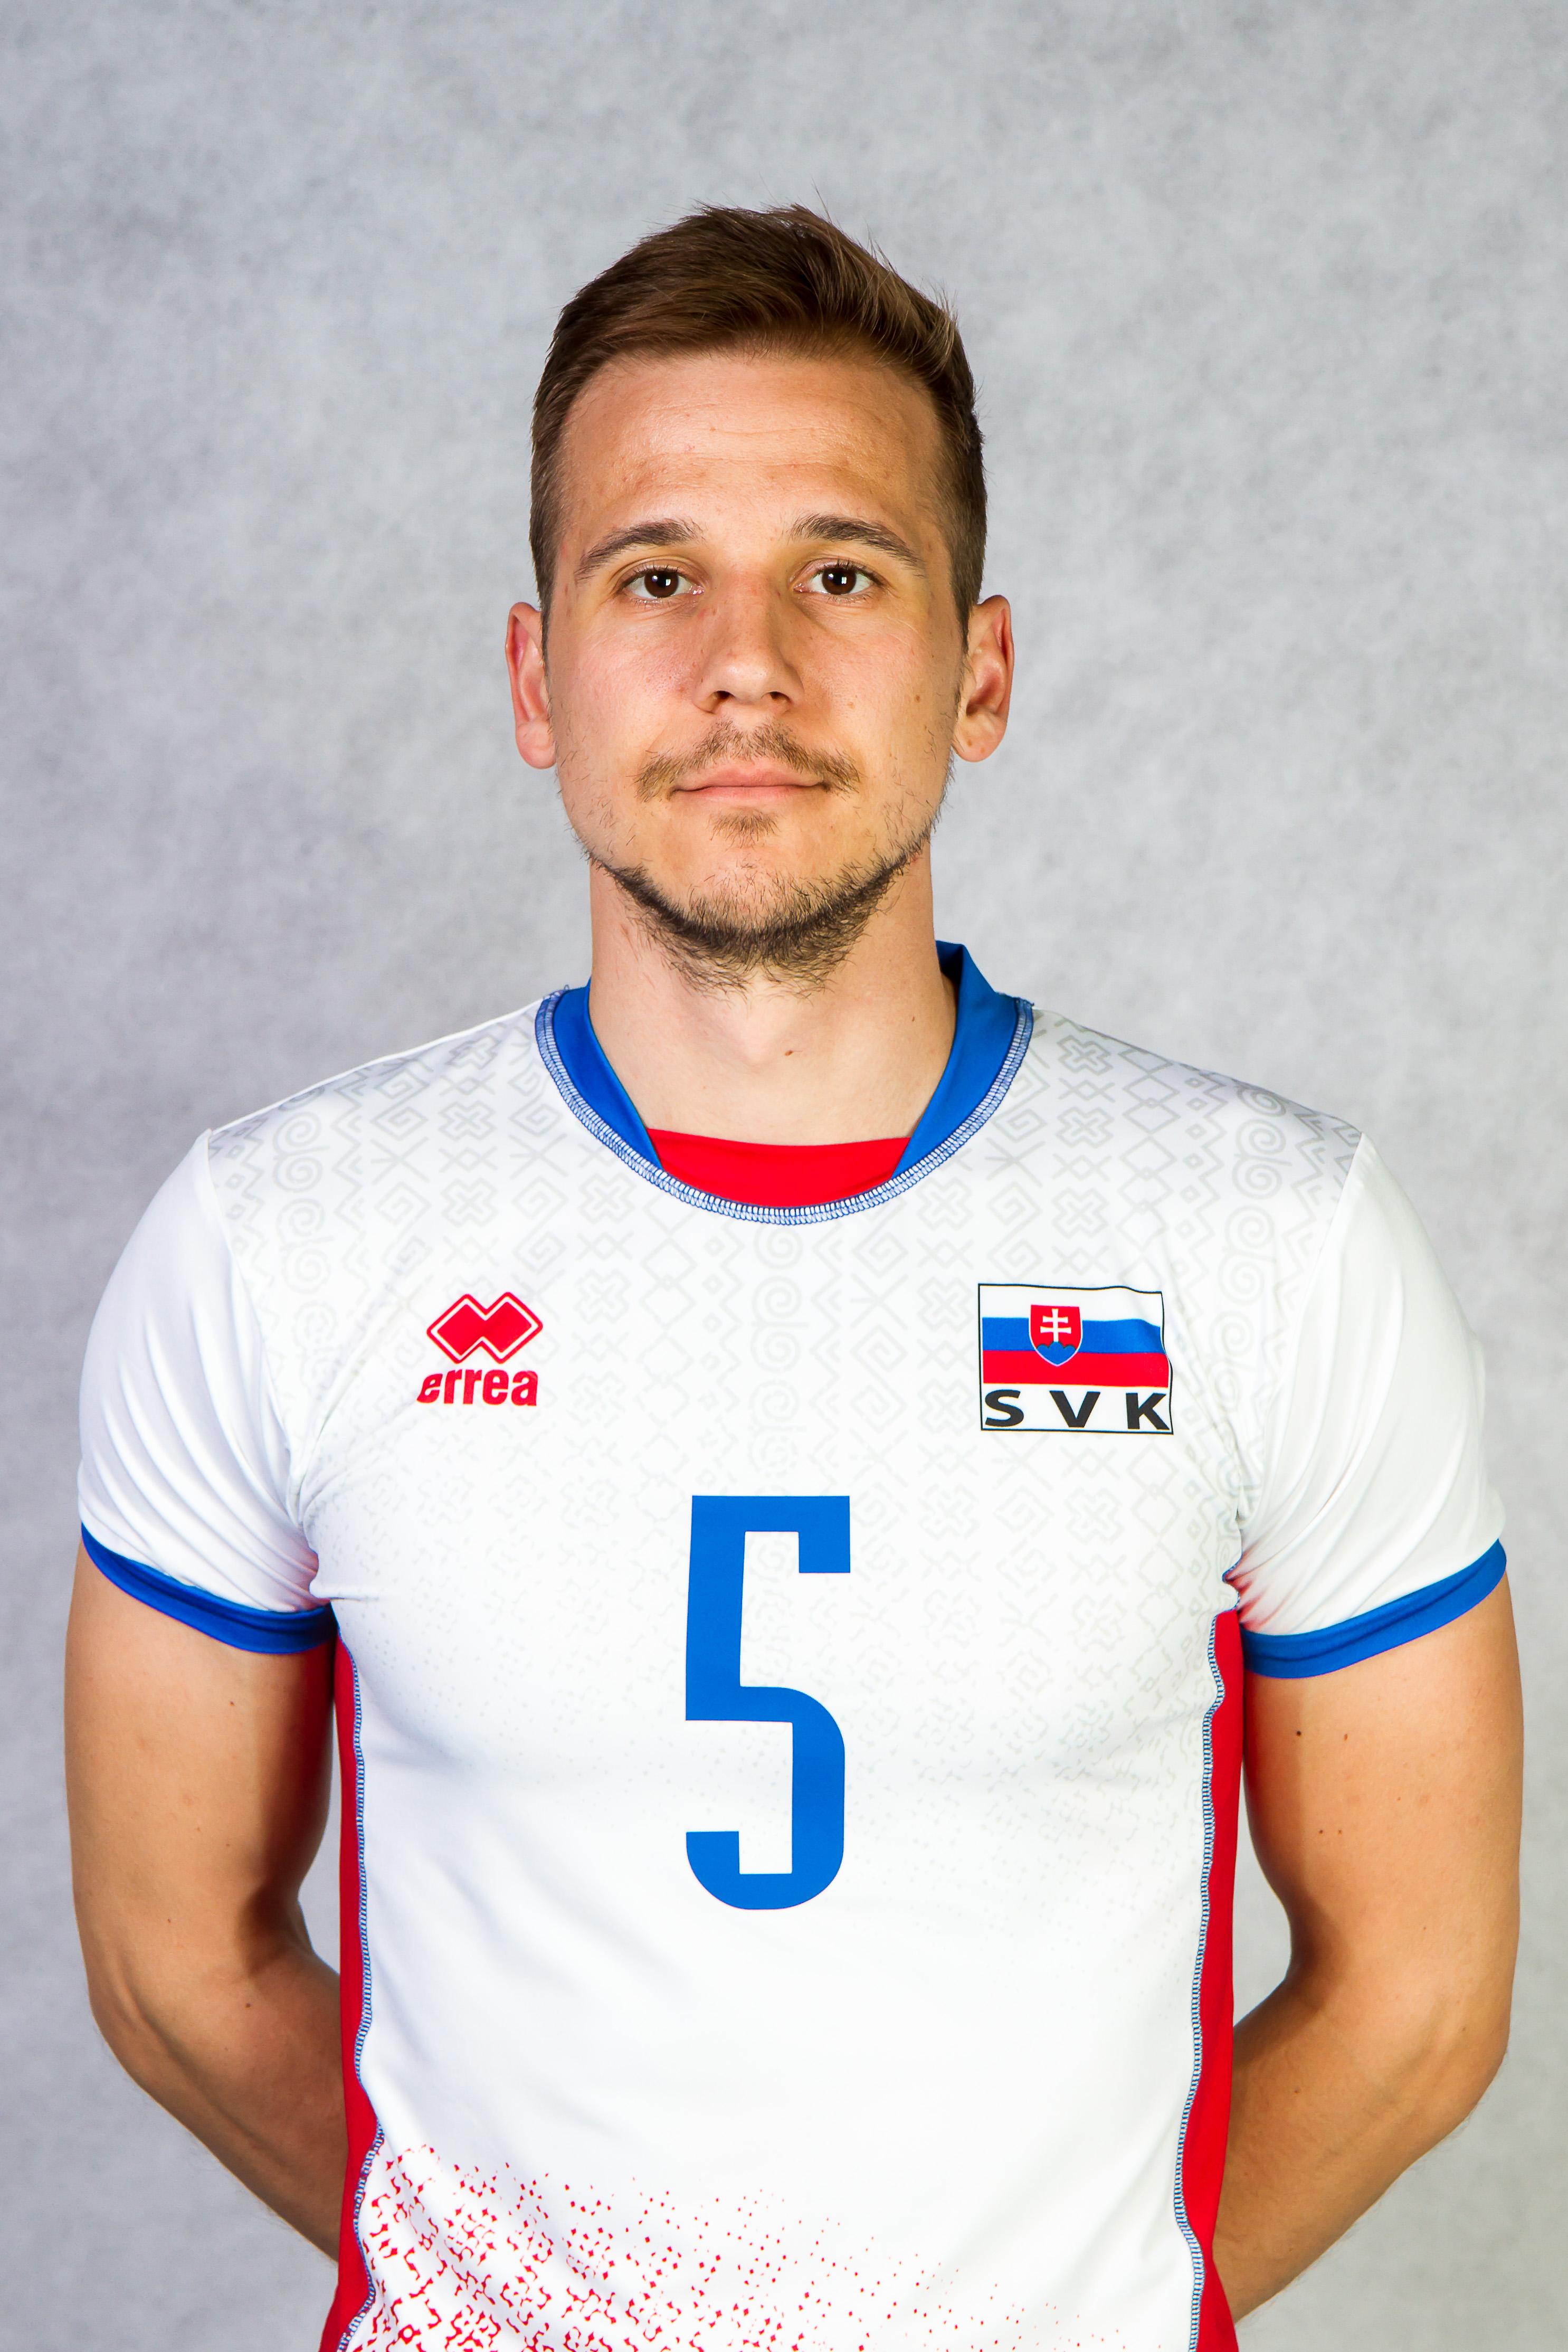 Matej Kubs